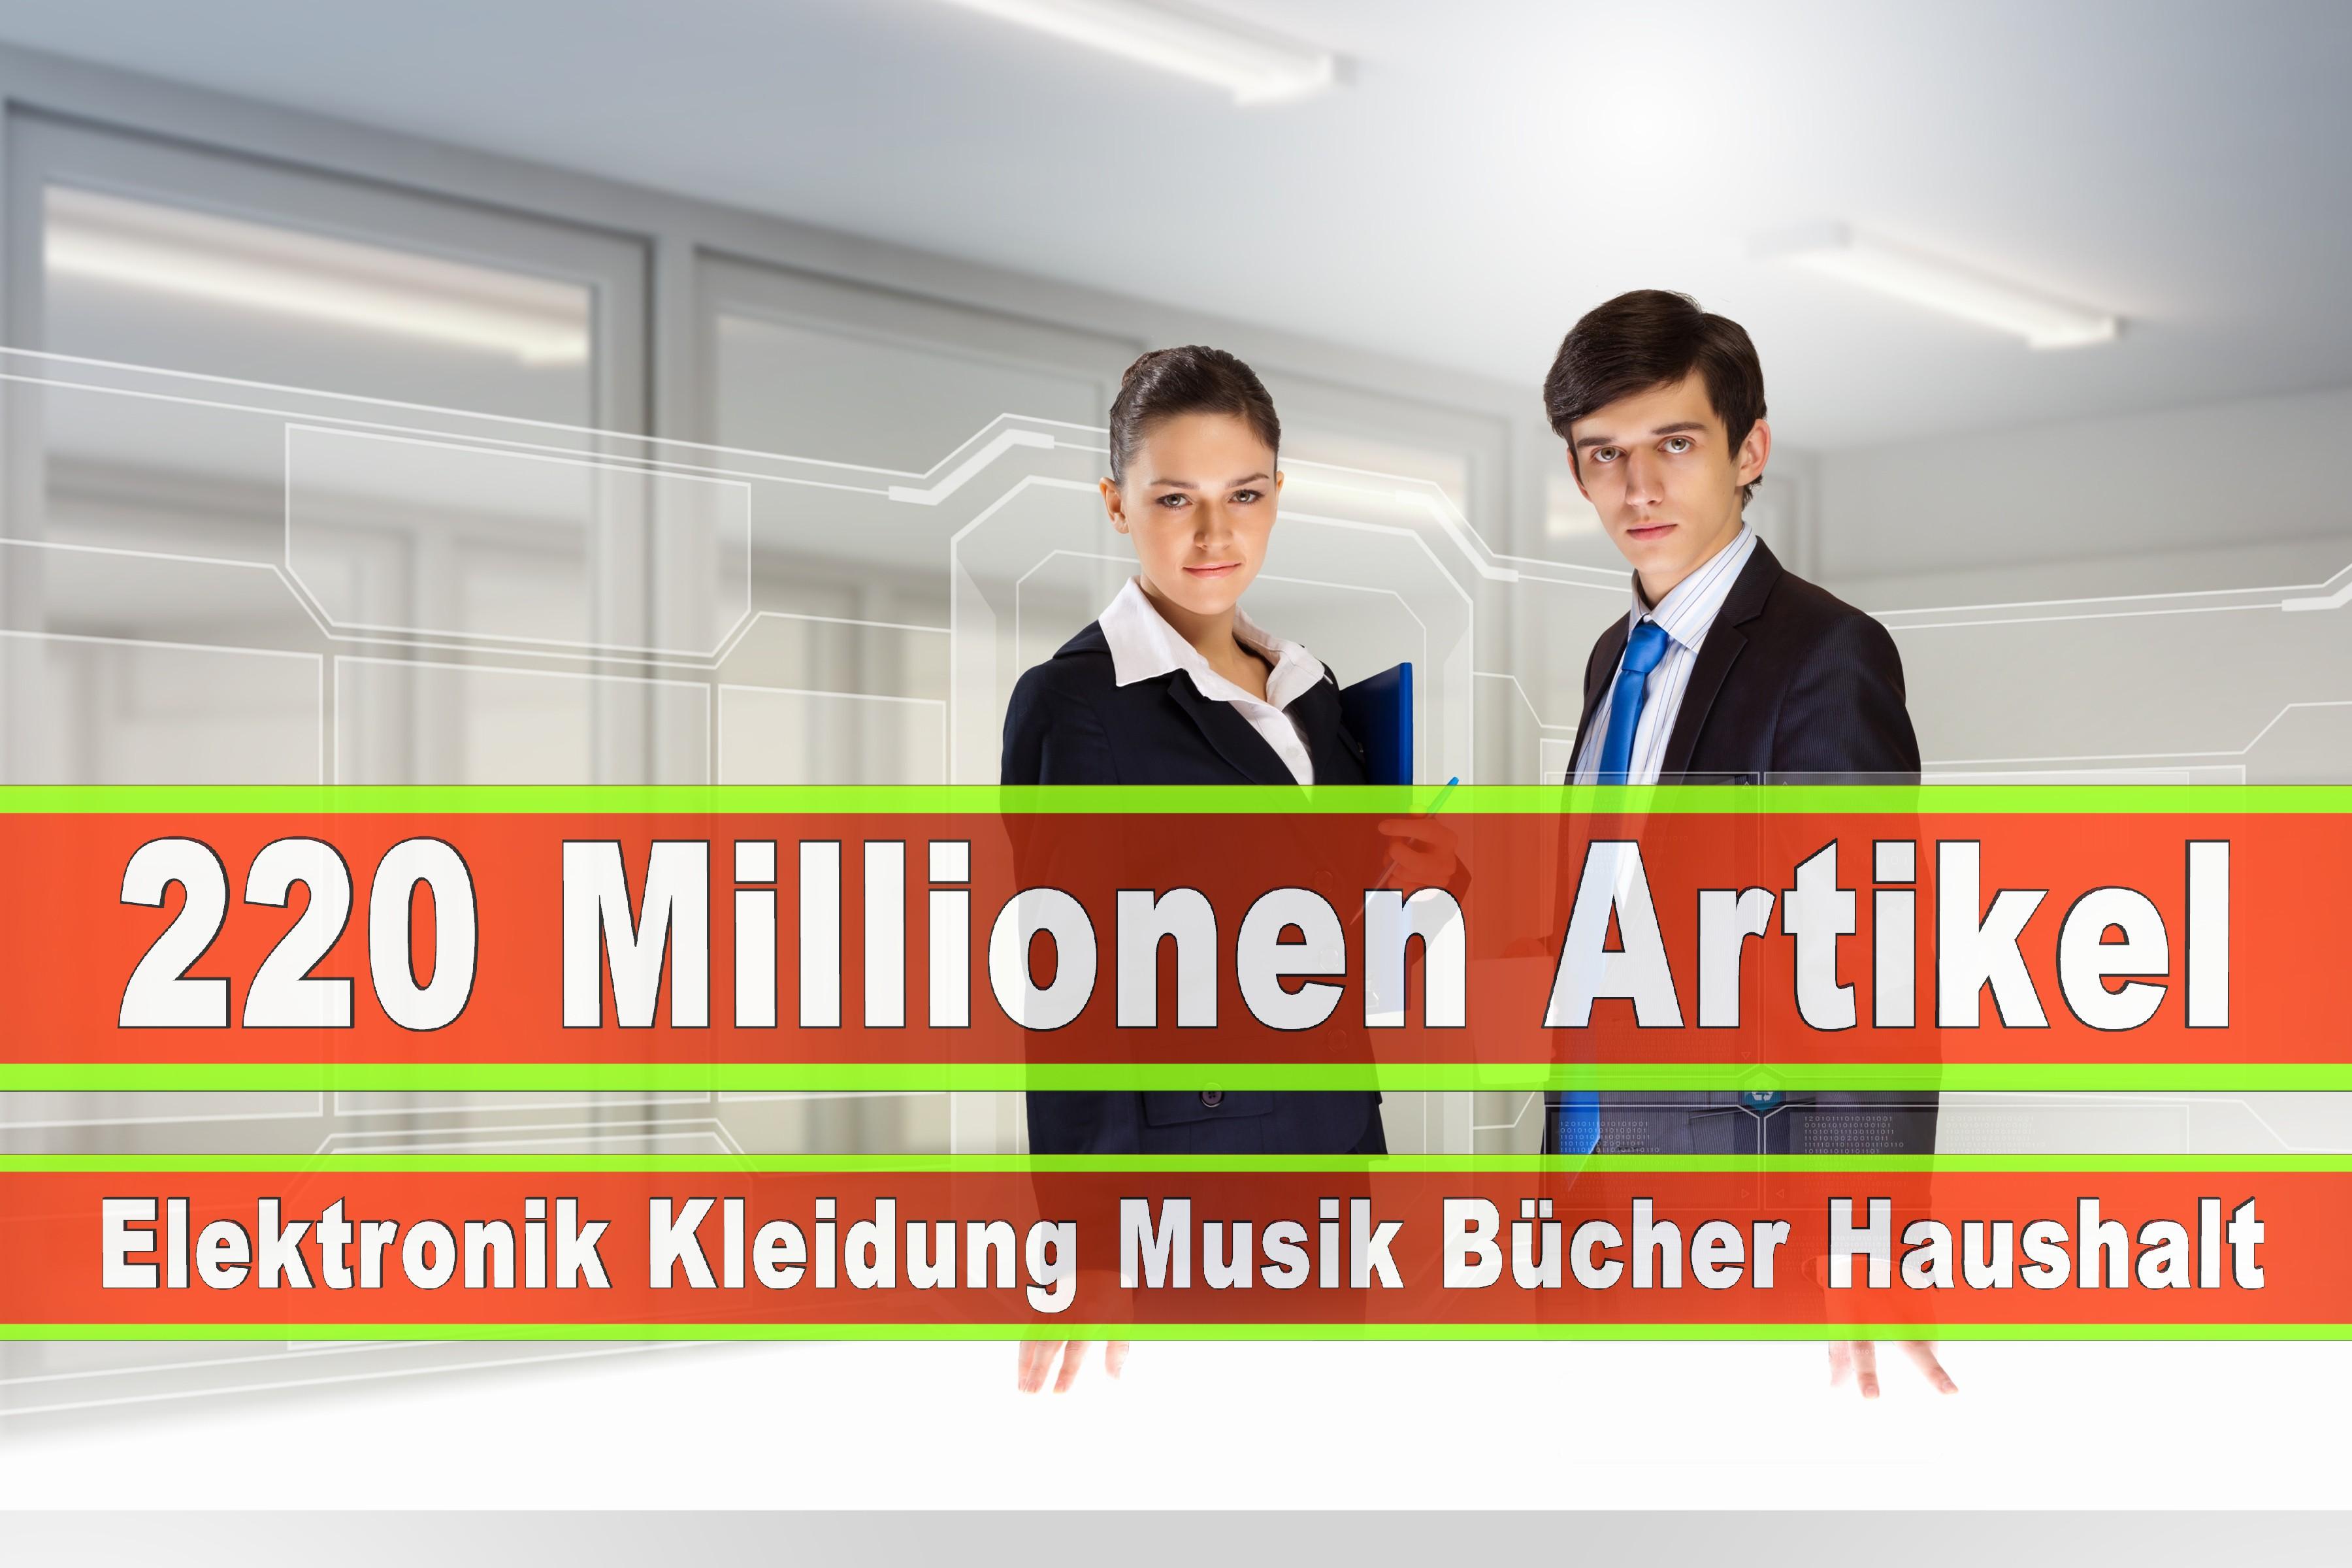 Amazon Elektronik Musik Haushalt Bücher CD DVD Handys Smartphones TV Television Fernseher Kleidung Mode Ebay Versandhaus (13)